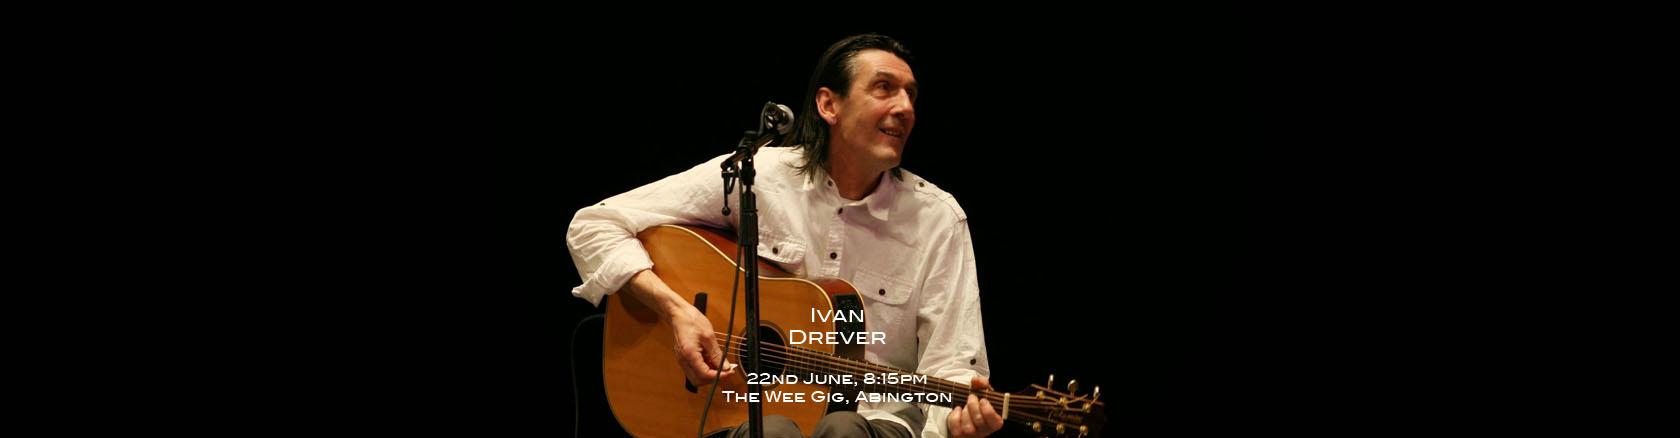 Ivan Drever